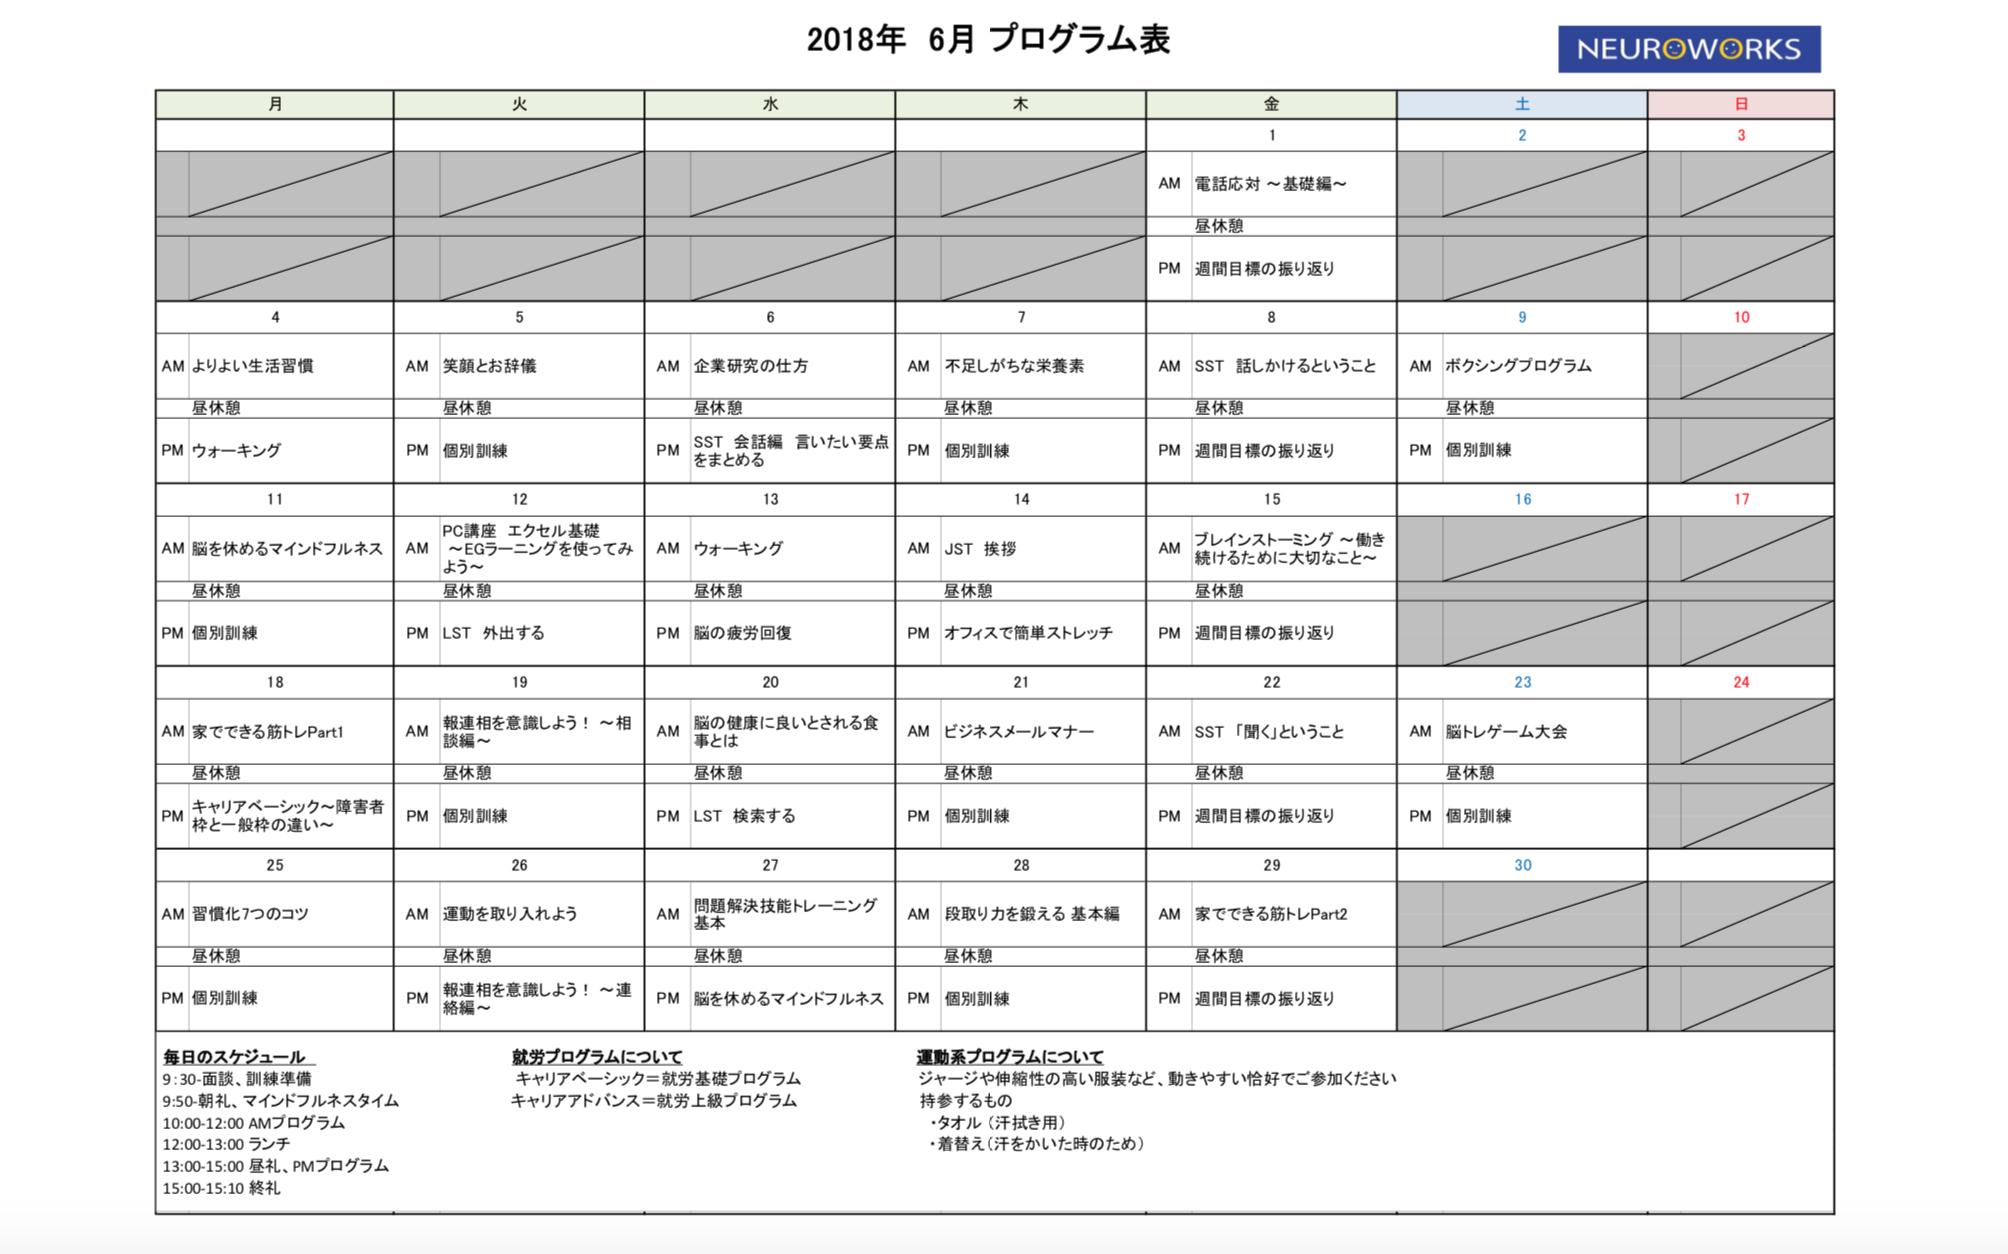 ニューロワークス 大塚センターのプログラム表